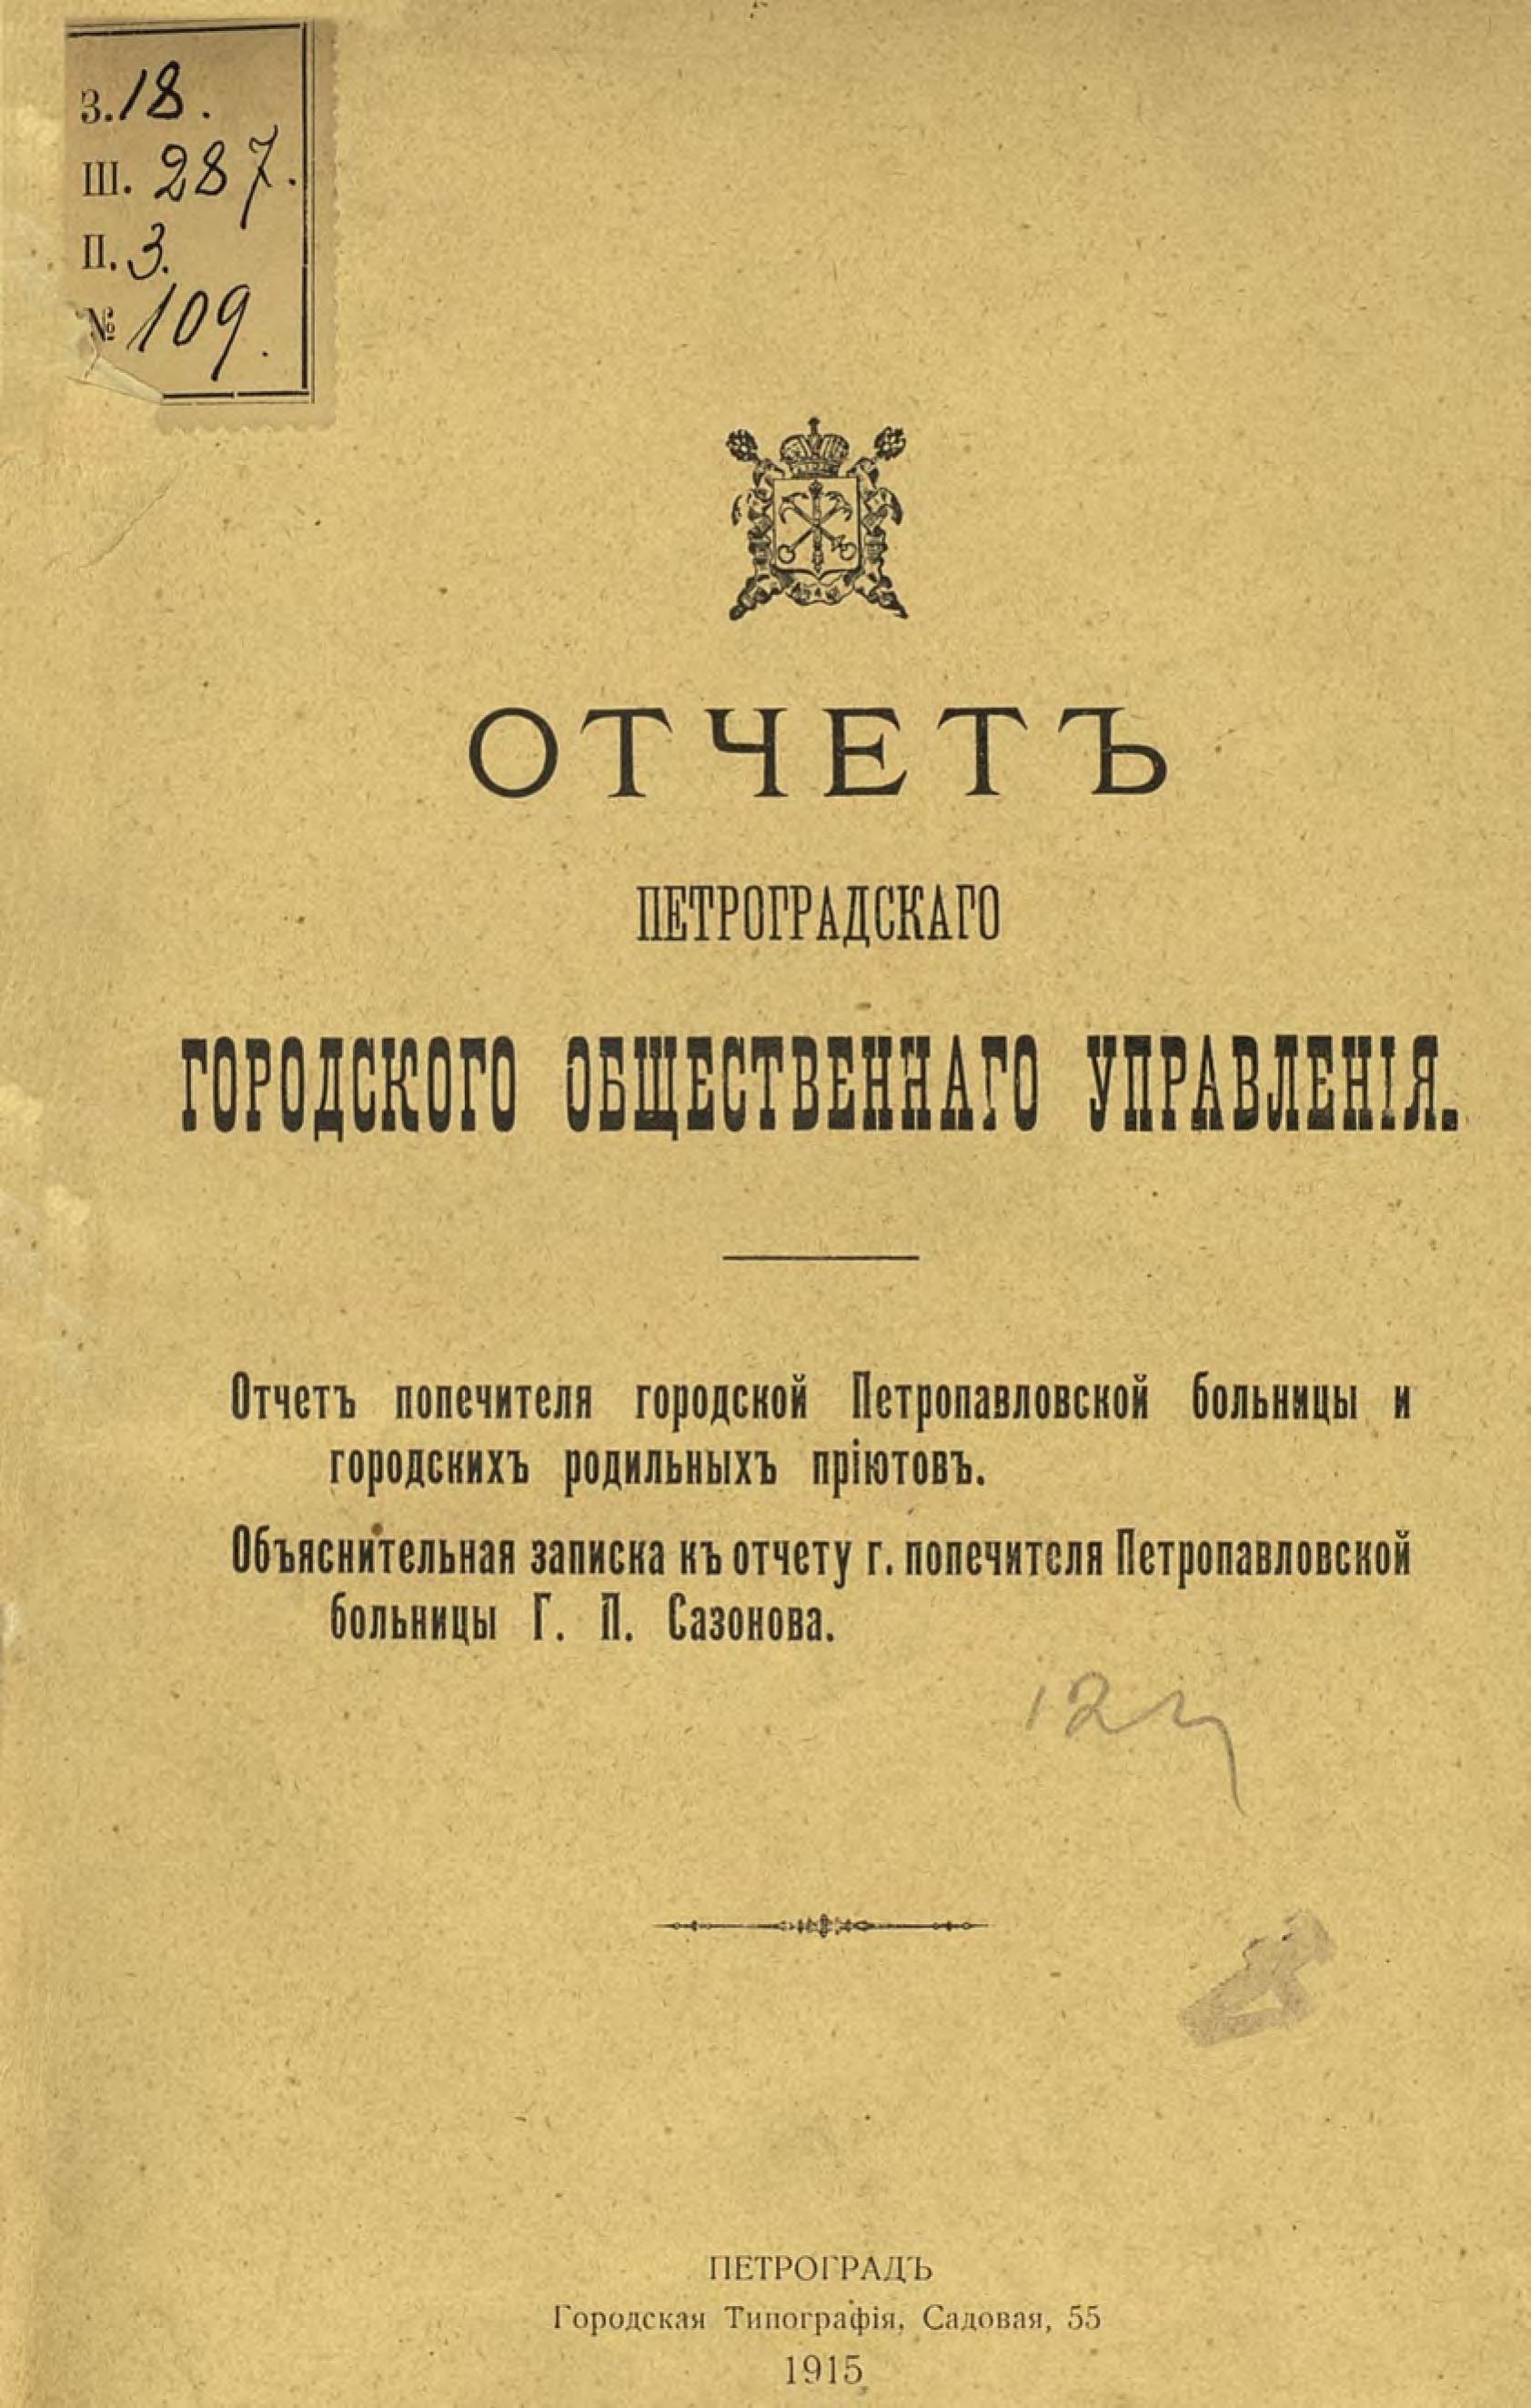 Коллектив авторов Отчет городской управы за 1913 г. Часть 8 коллектив авторов отчет городской управы за 1904 г часть 1